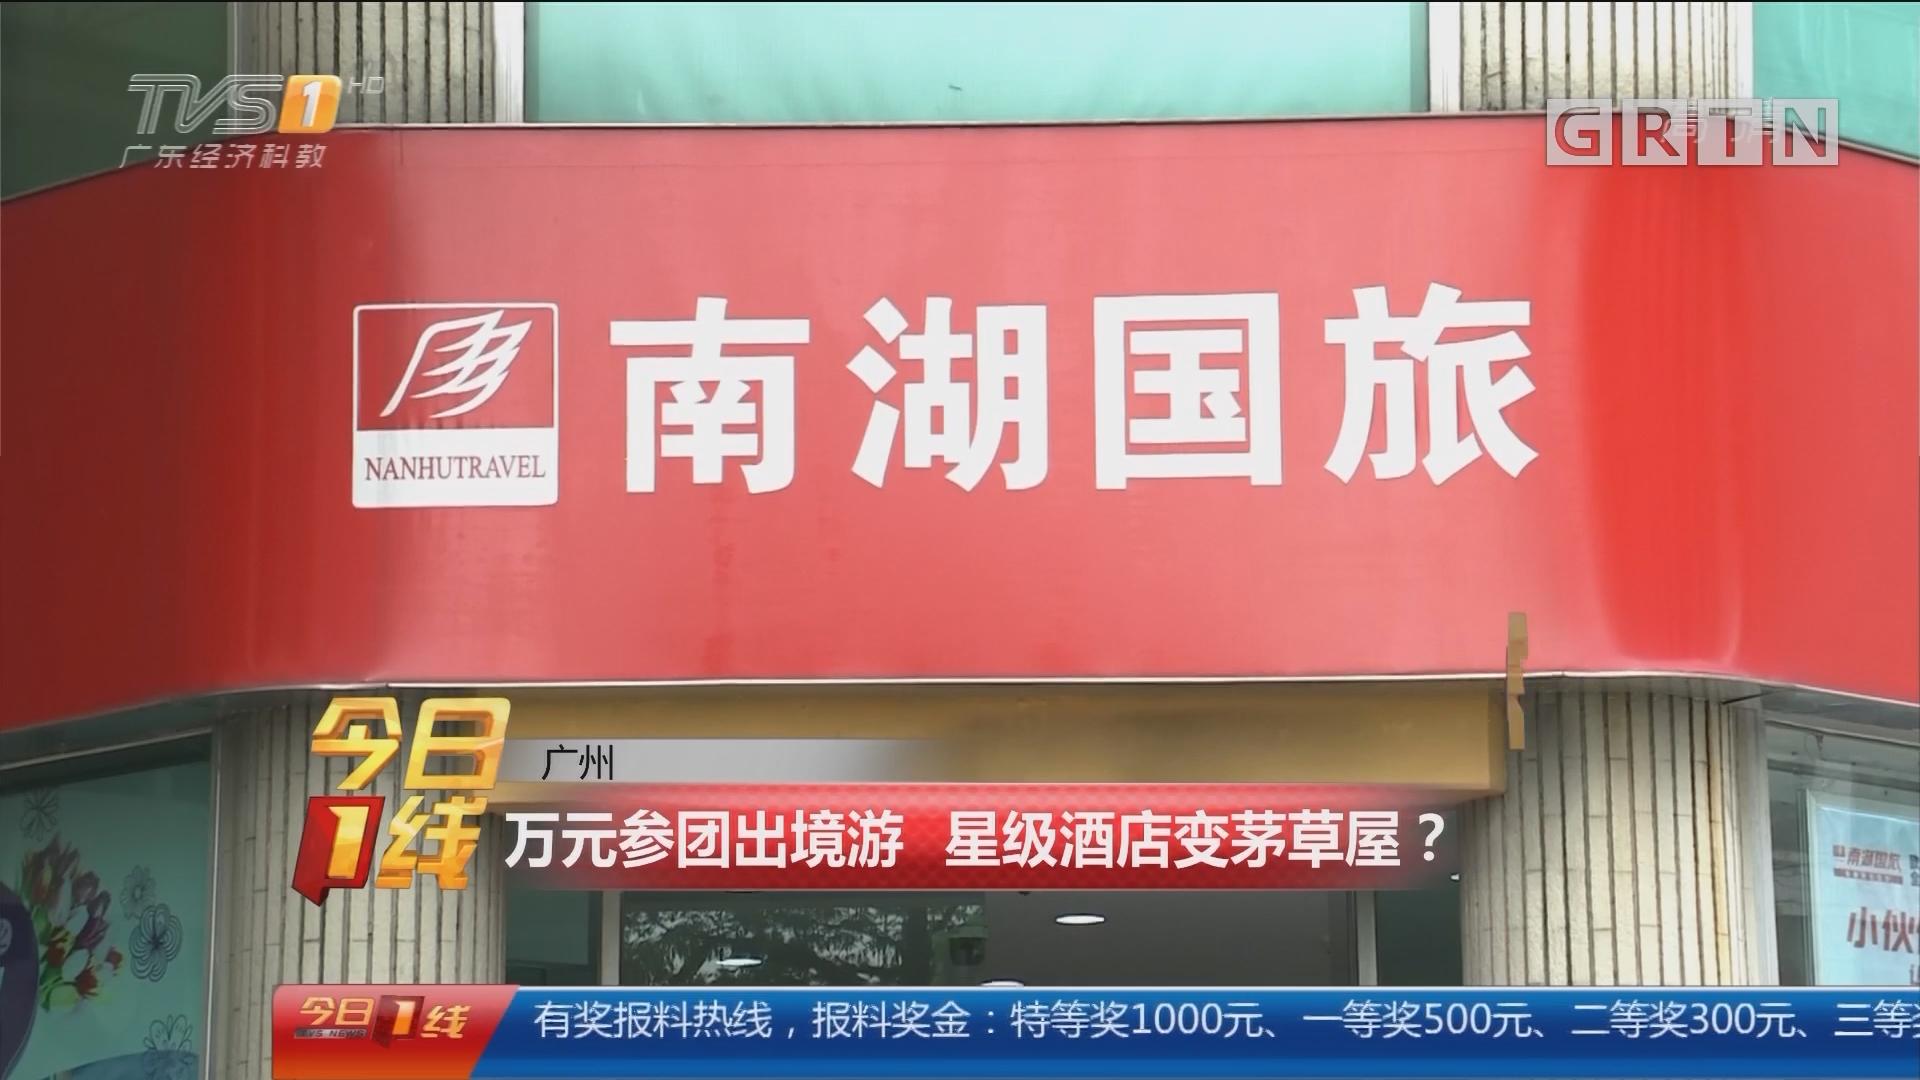 广州:万元参团出境游 星级酒店变茅草屋?